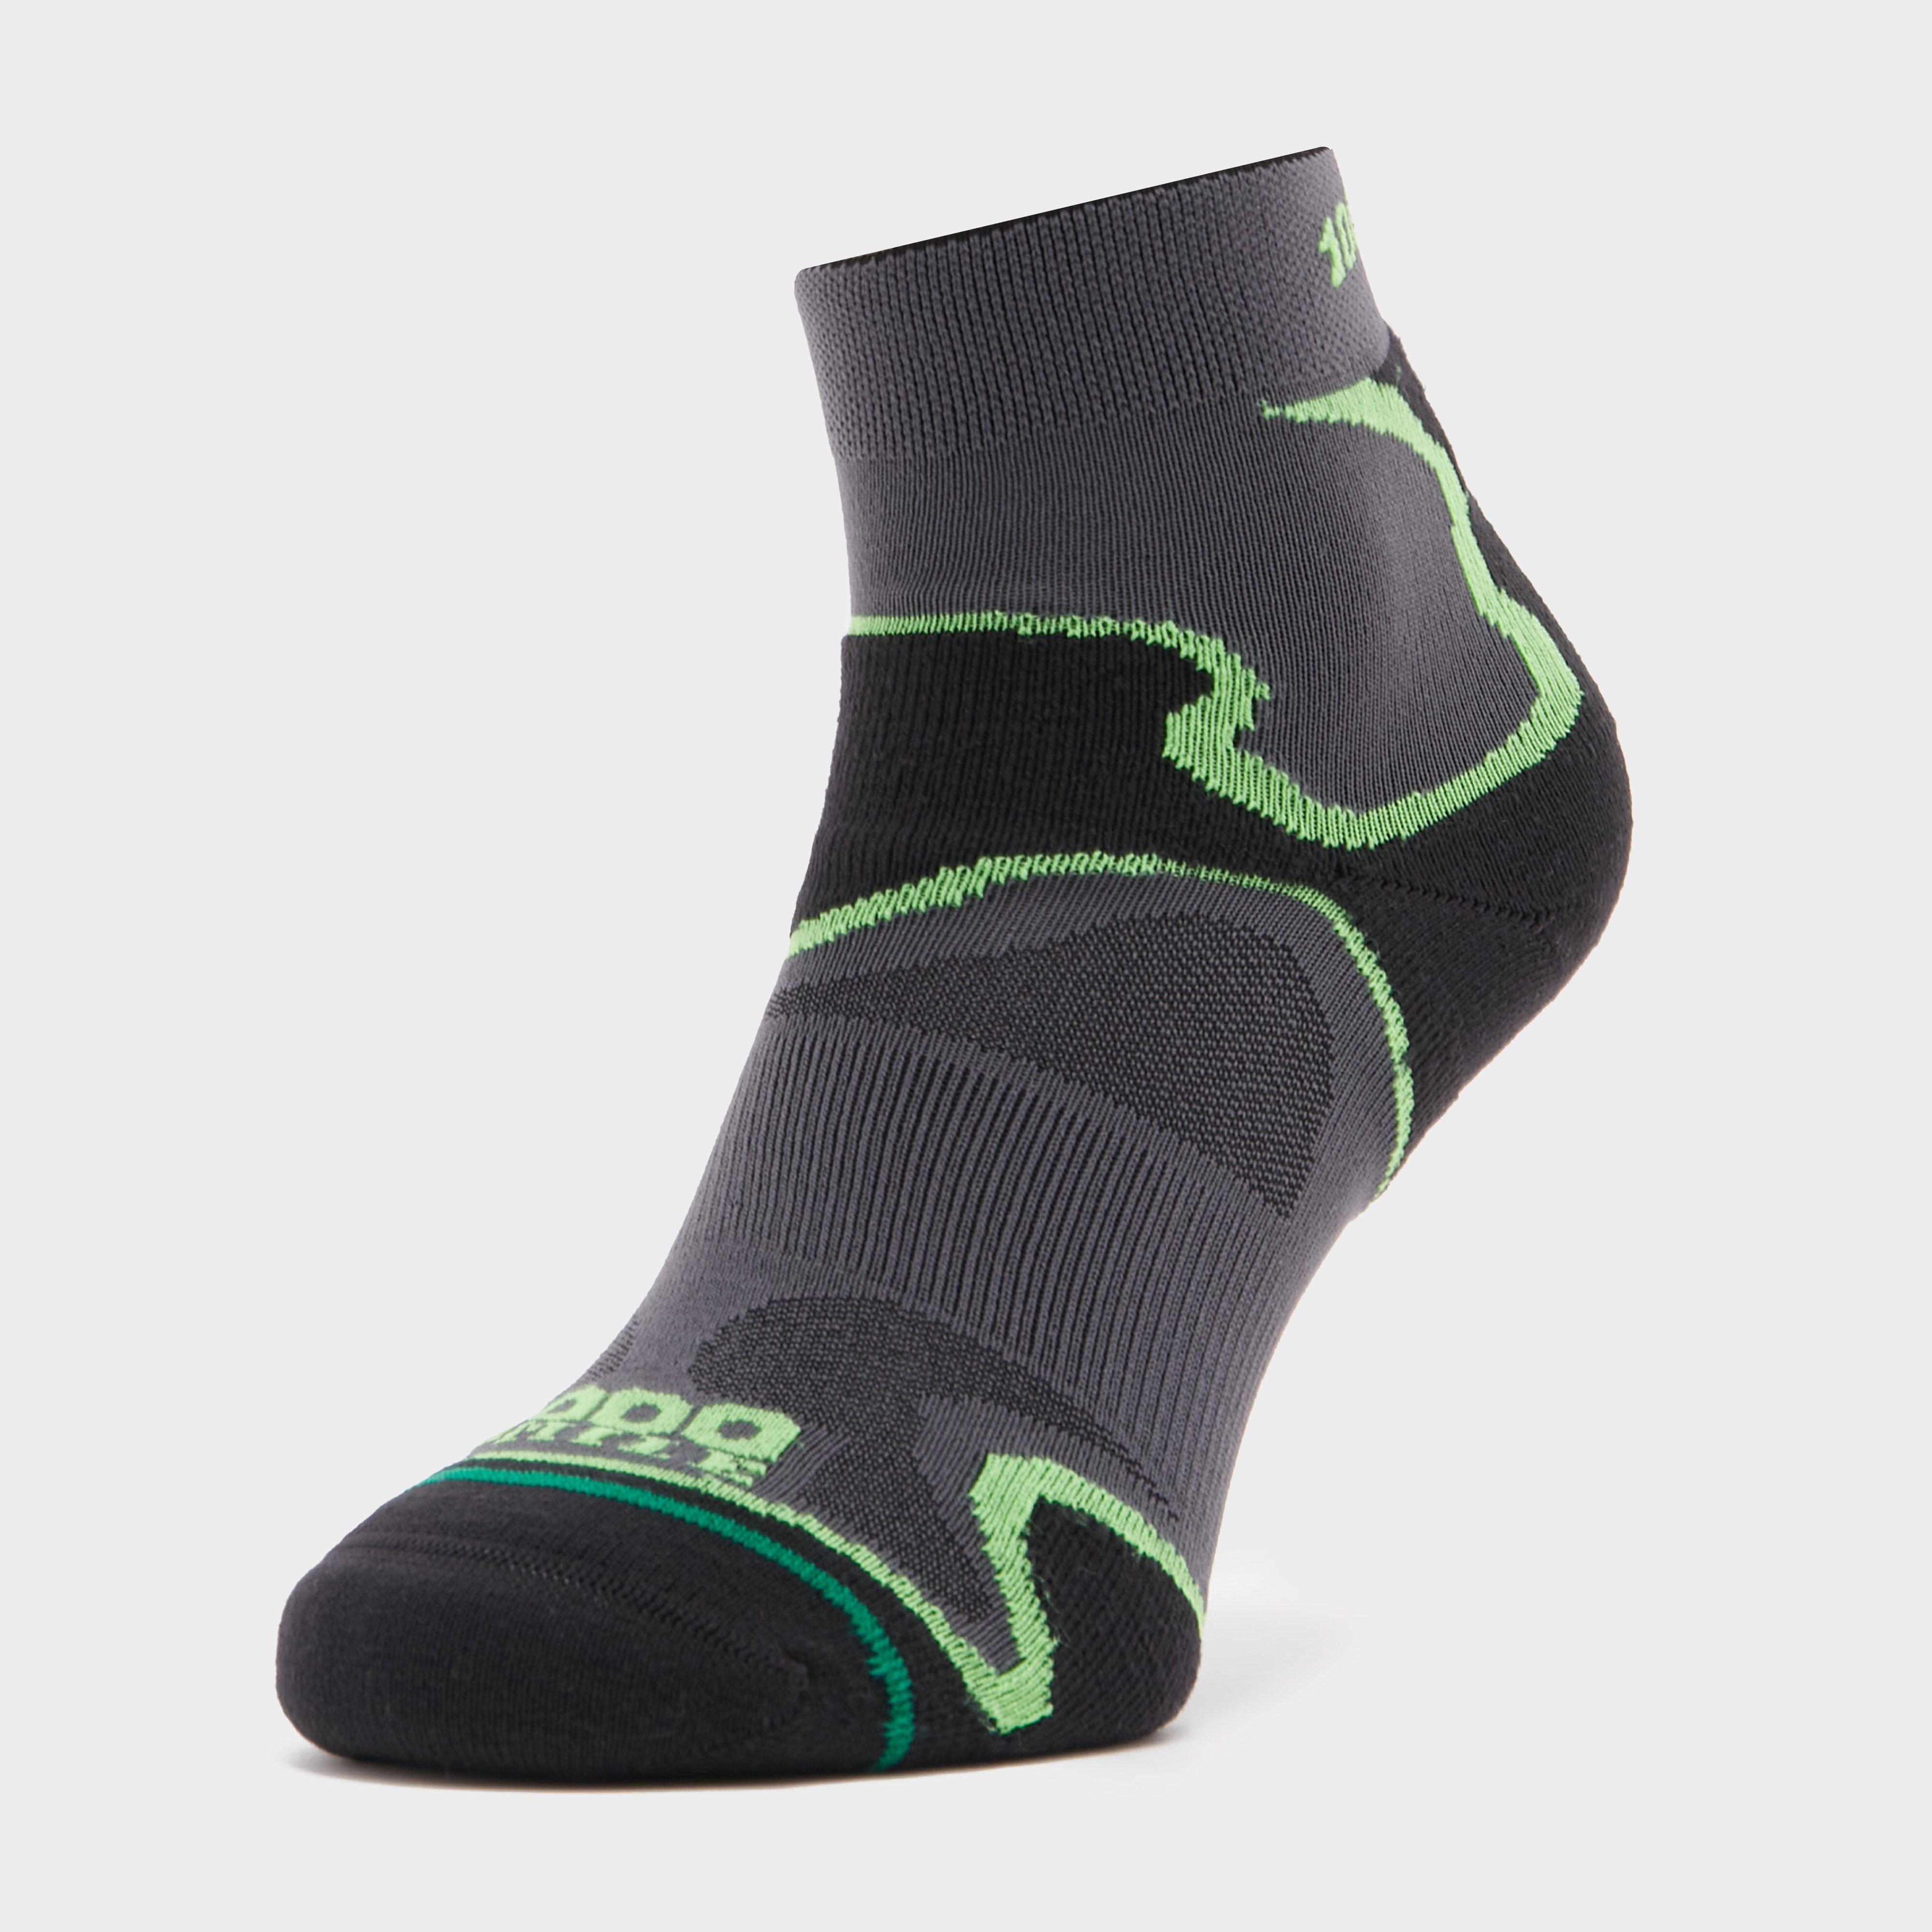 1000 Mile Fusion Anklet - Black/mens  Black/mens